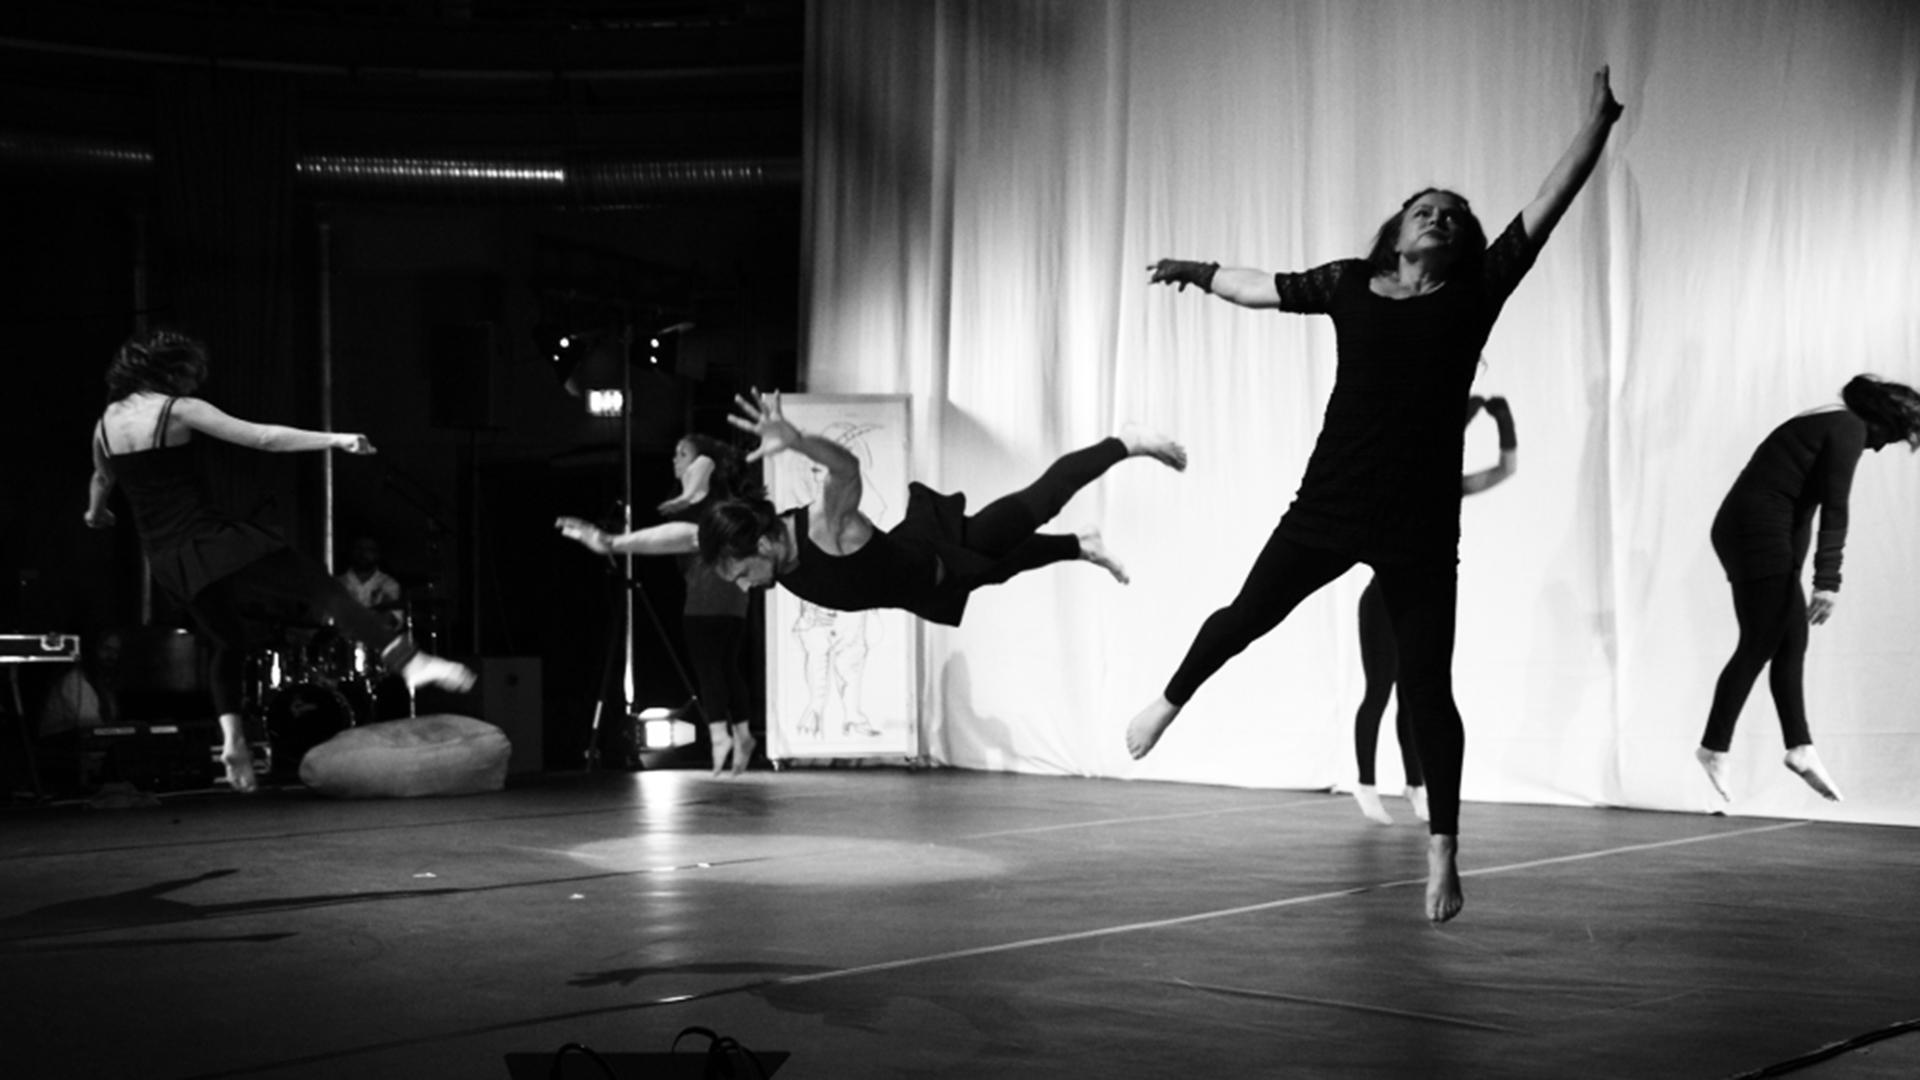 Matthias-Markstein-Kooperationen-Mondstaub-Körper-Choreografie-Foto-Reinhard-Riedel